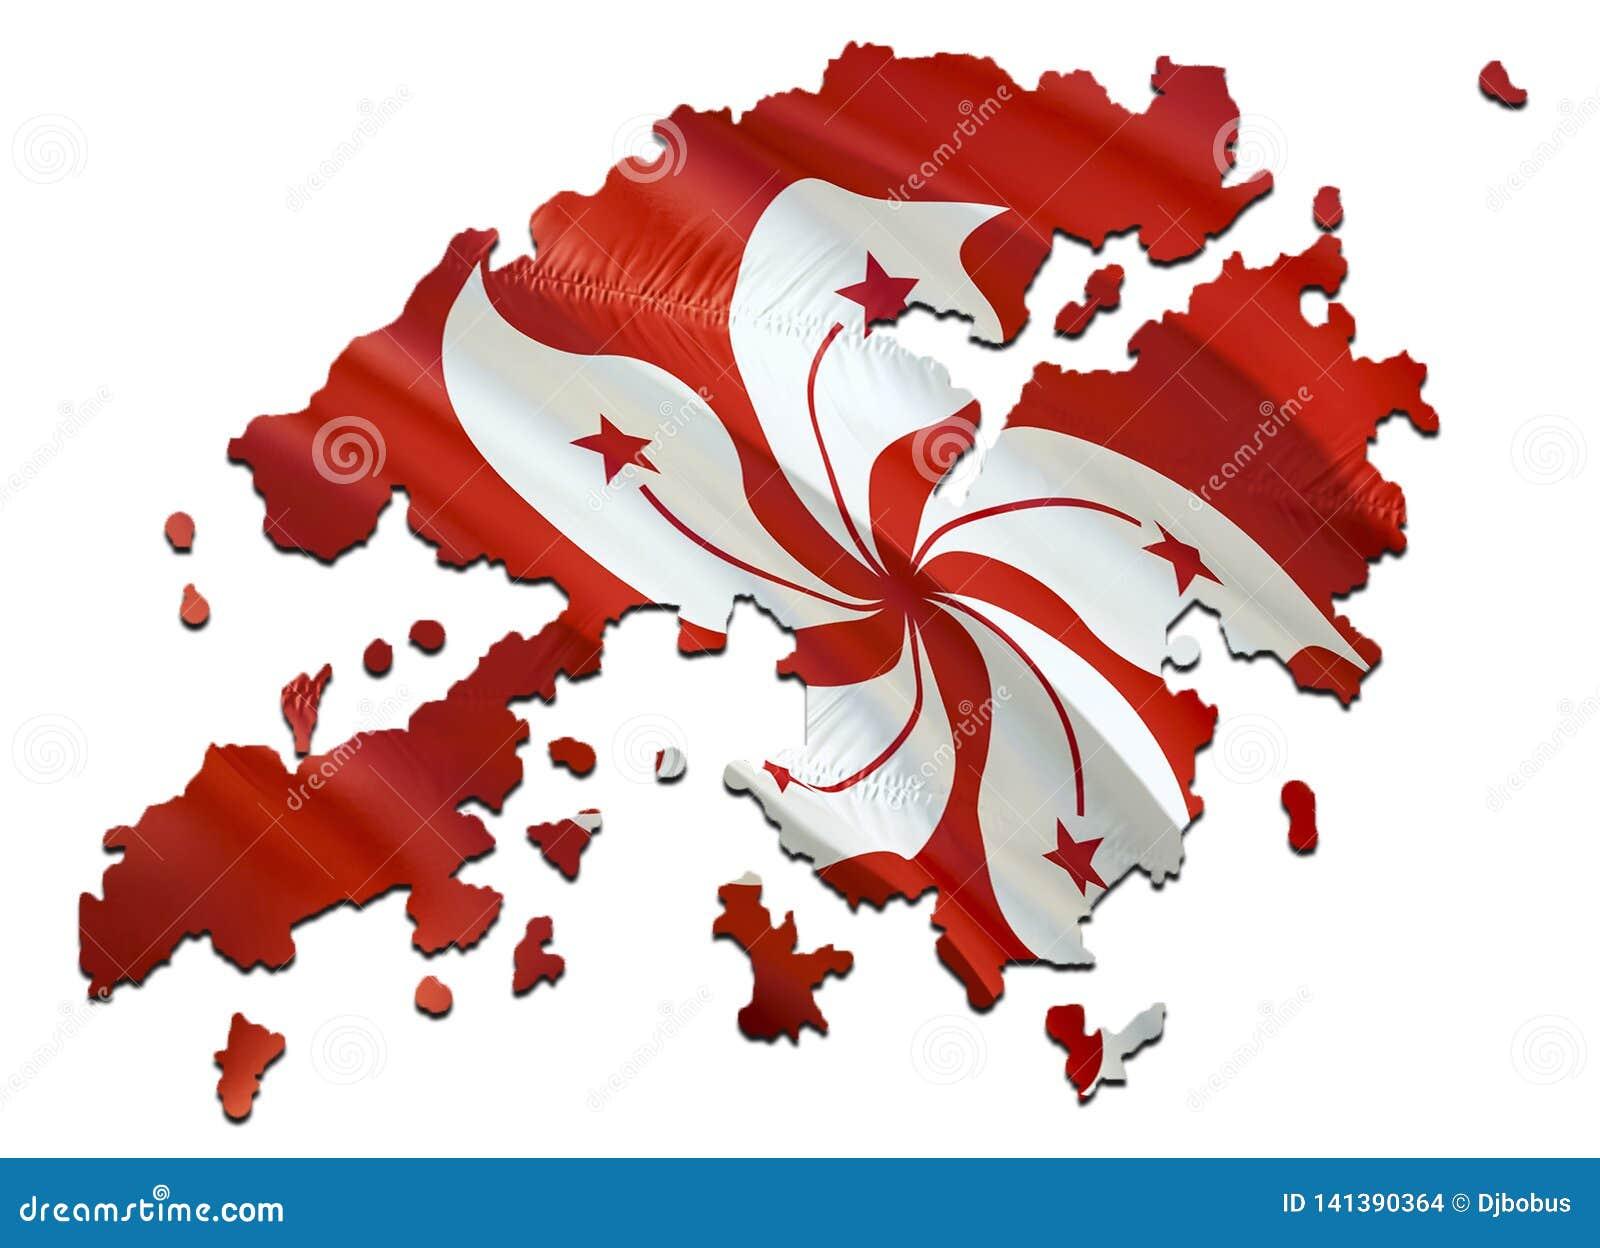 在香港挥动的旗子的地图 回报香港地图和挥动在亚洲地图的3D旗子 香港的国家标志 香港